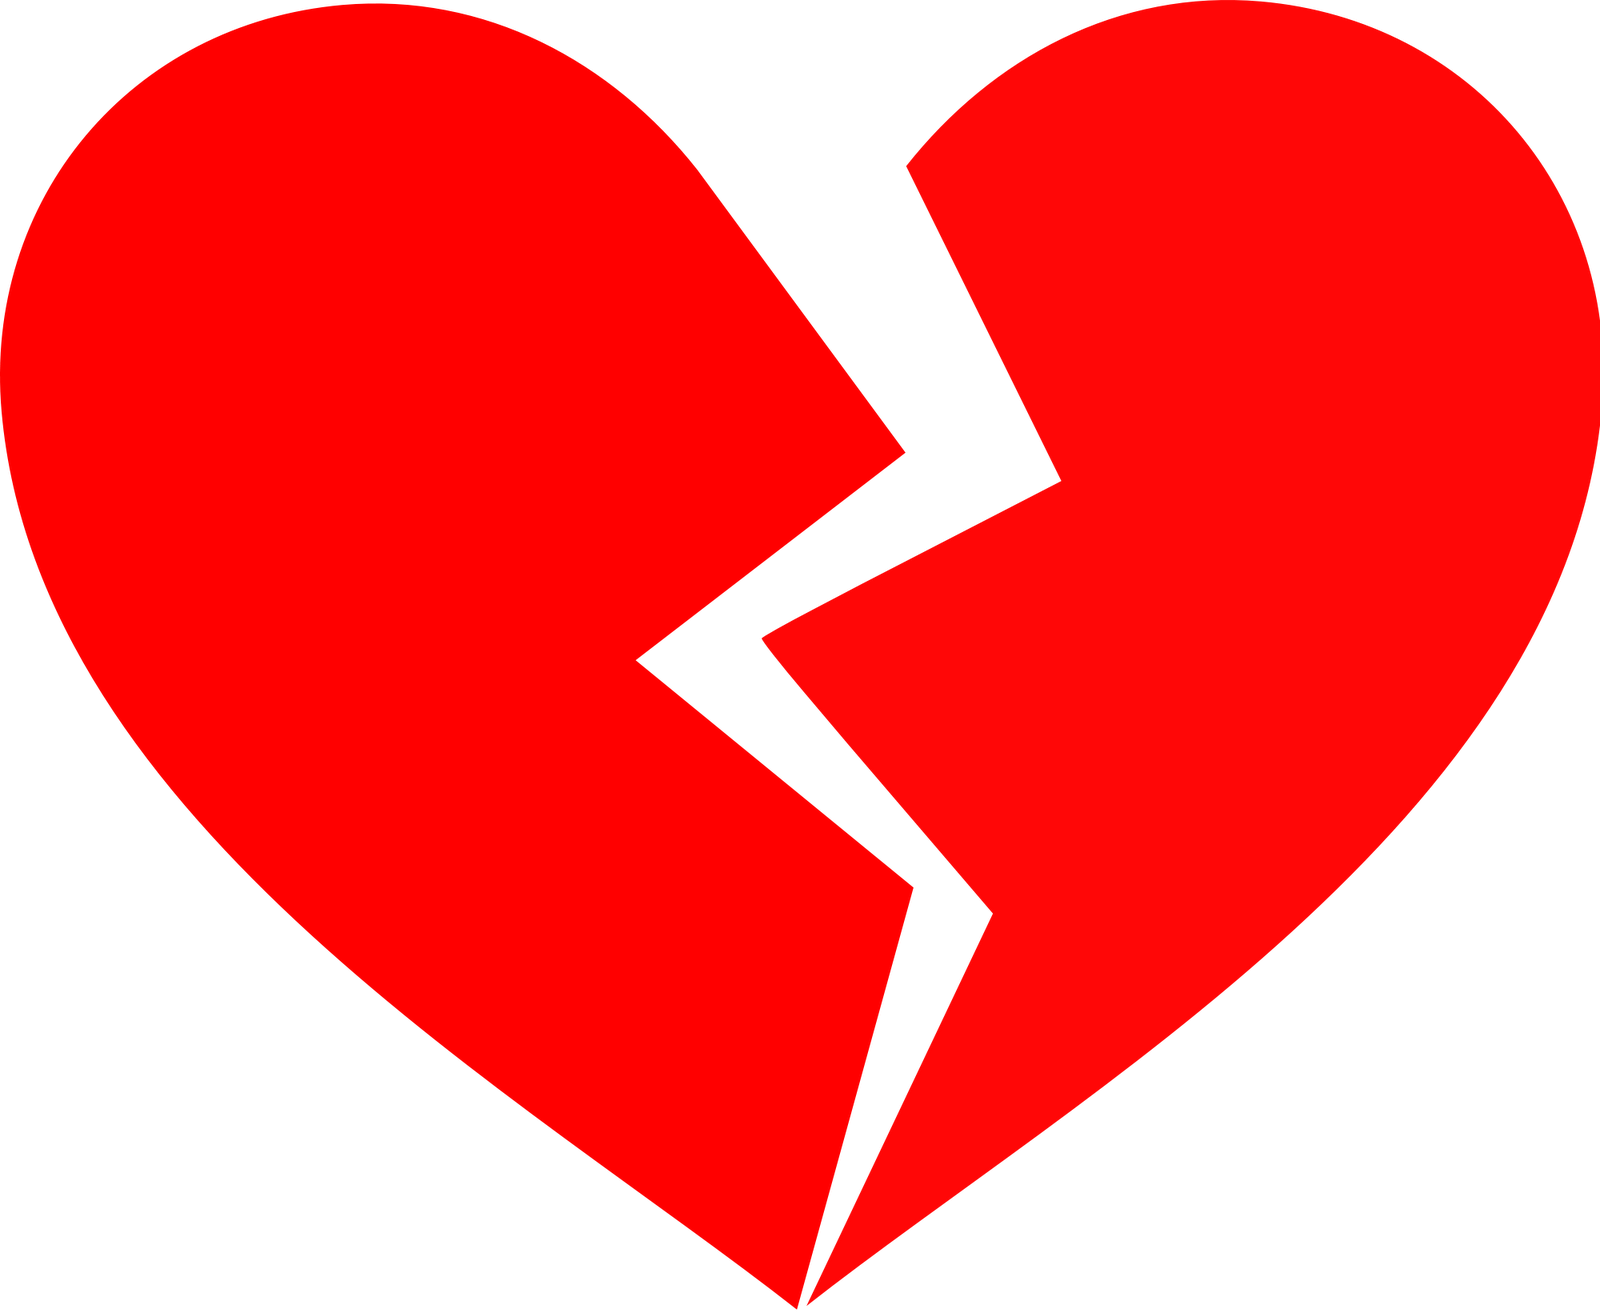 broken heart cartoon clipart best